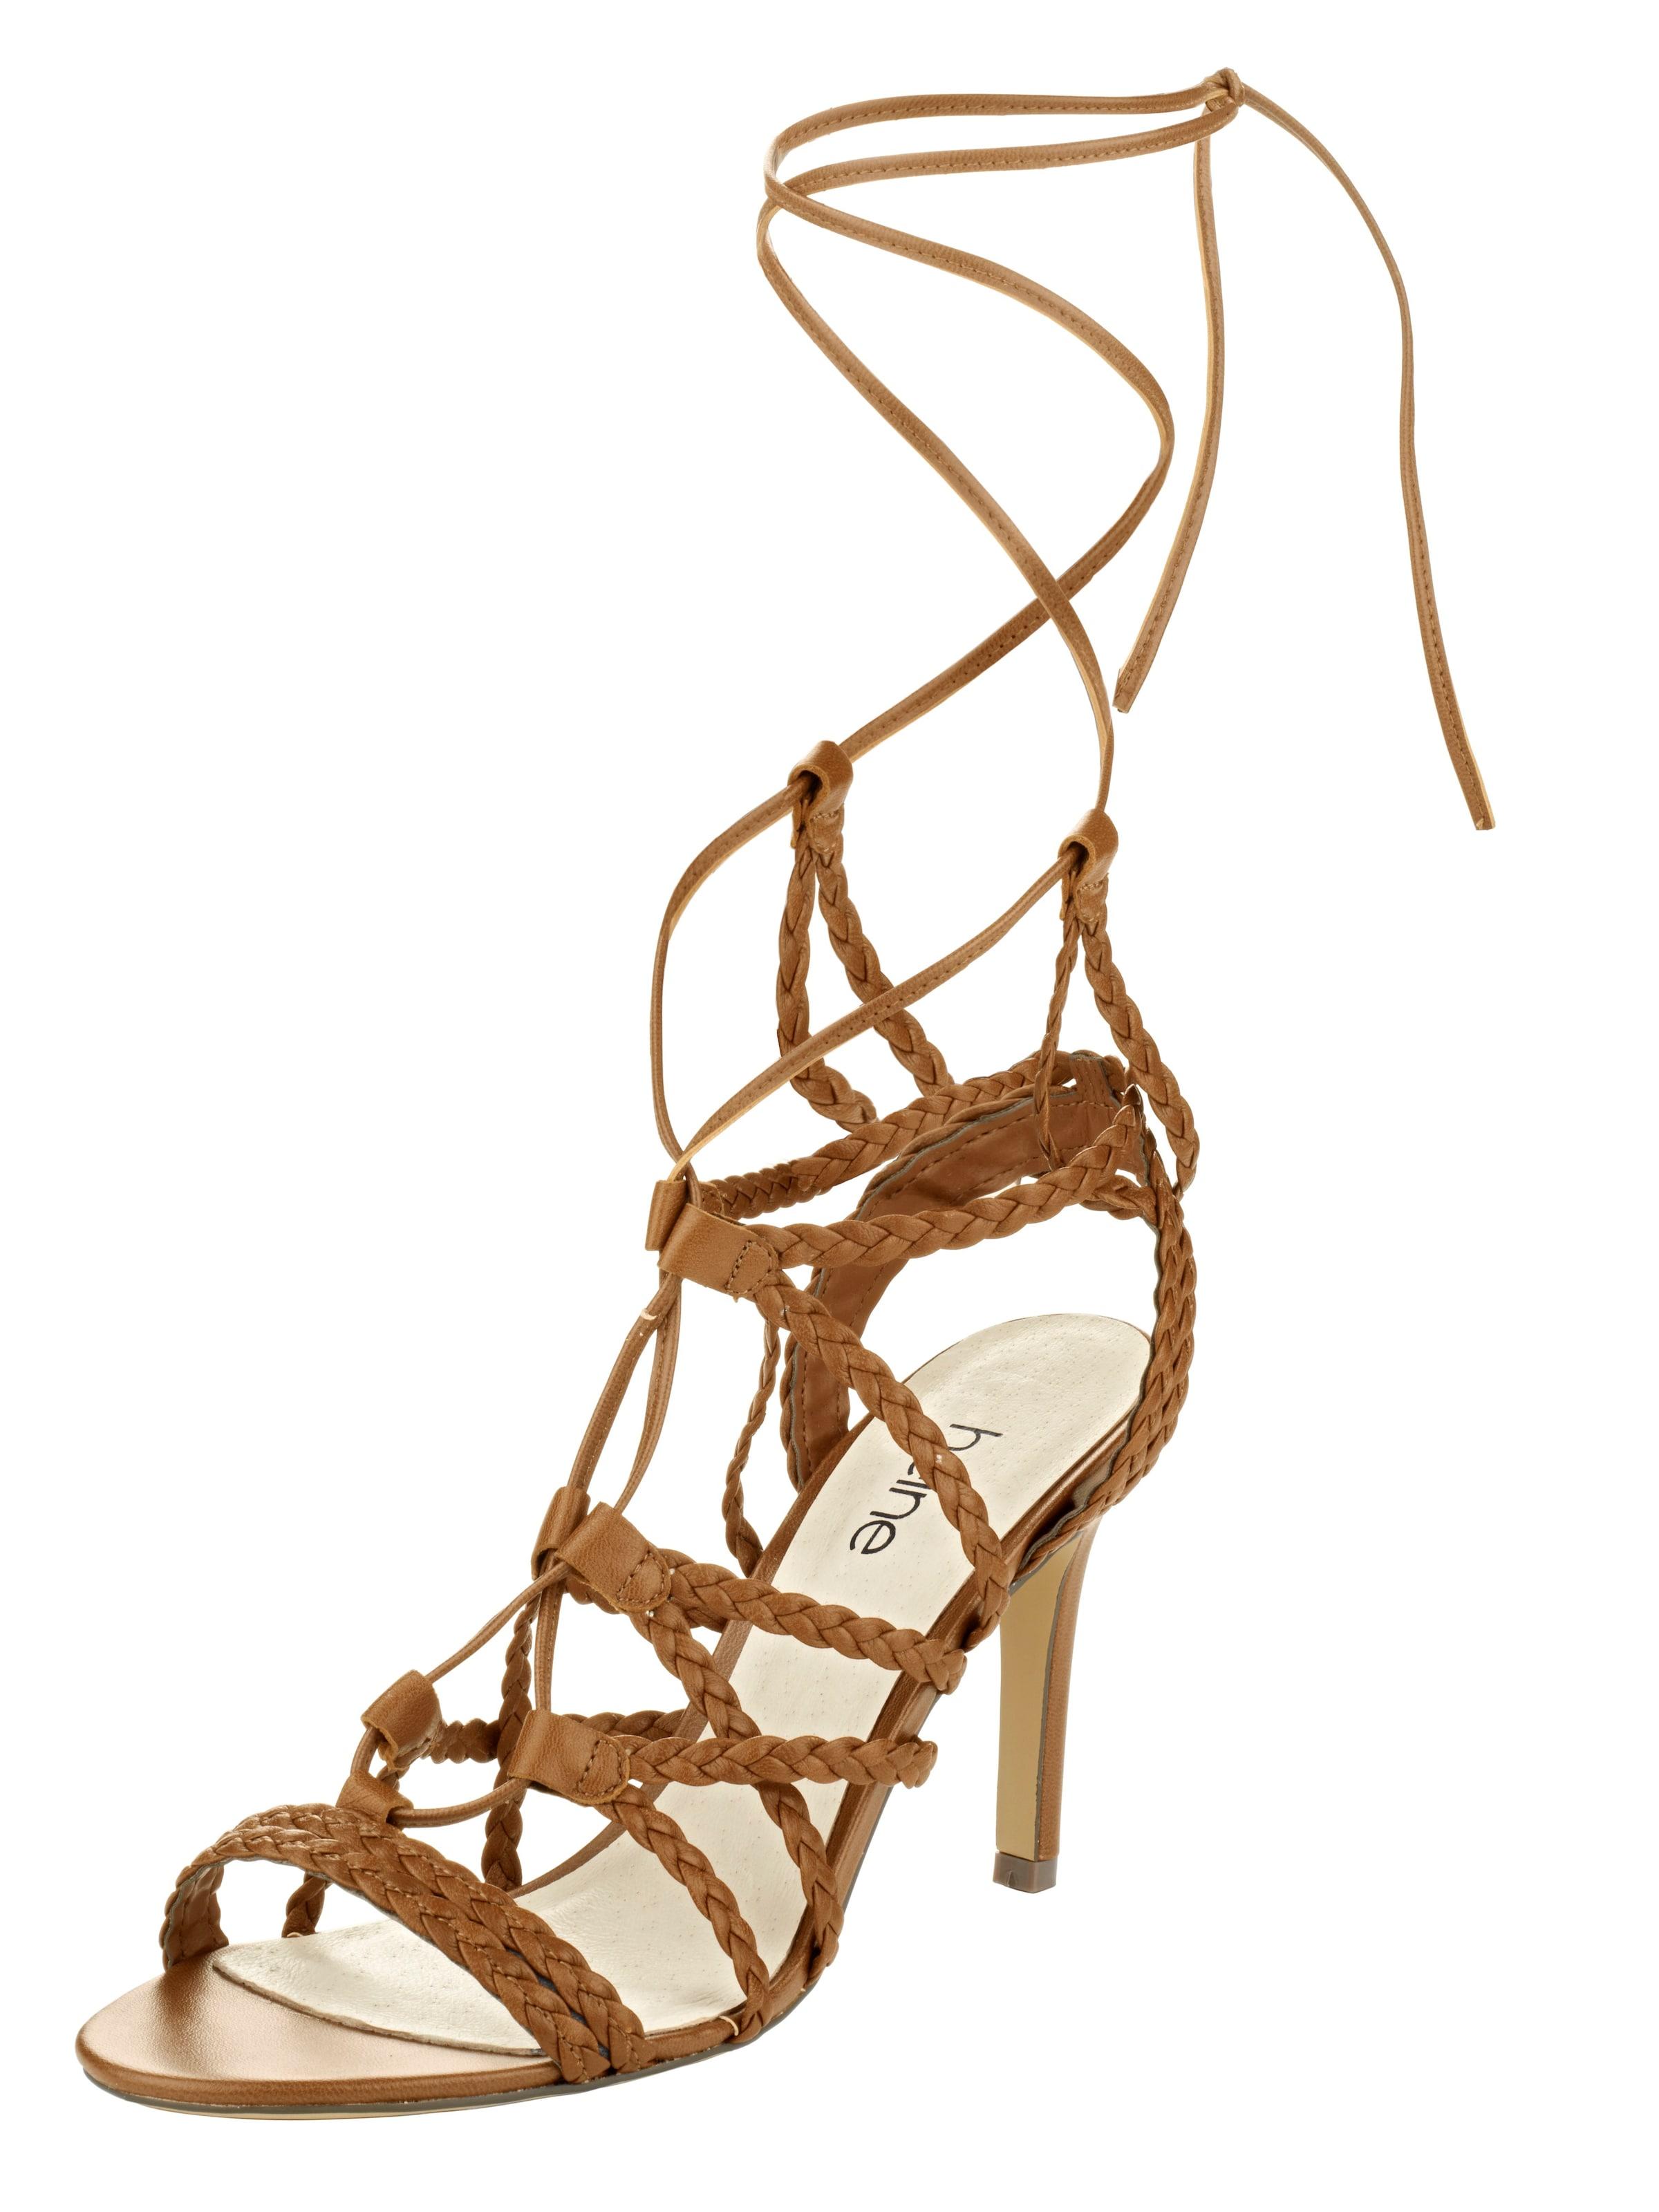 Haltbare Mode billige billige Mode Schuhe heine | Sandalette Schuhe Gut getragene Schuhe 22b573